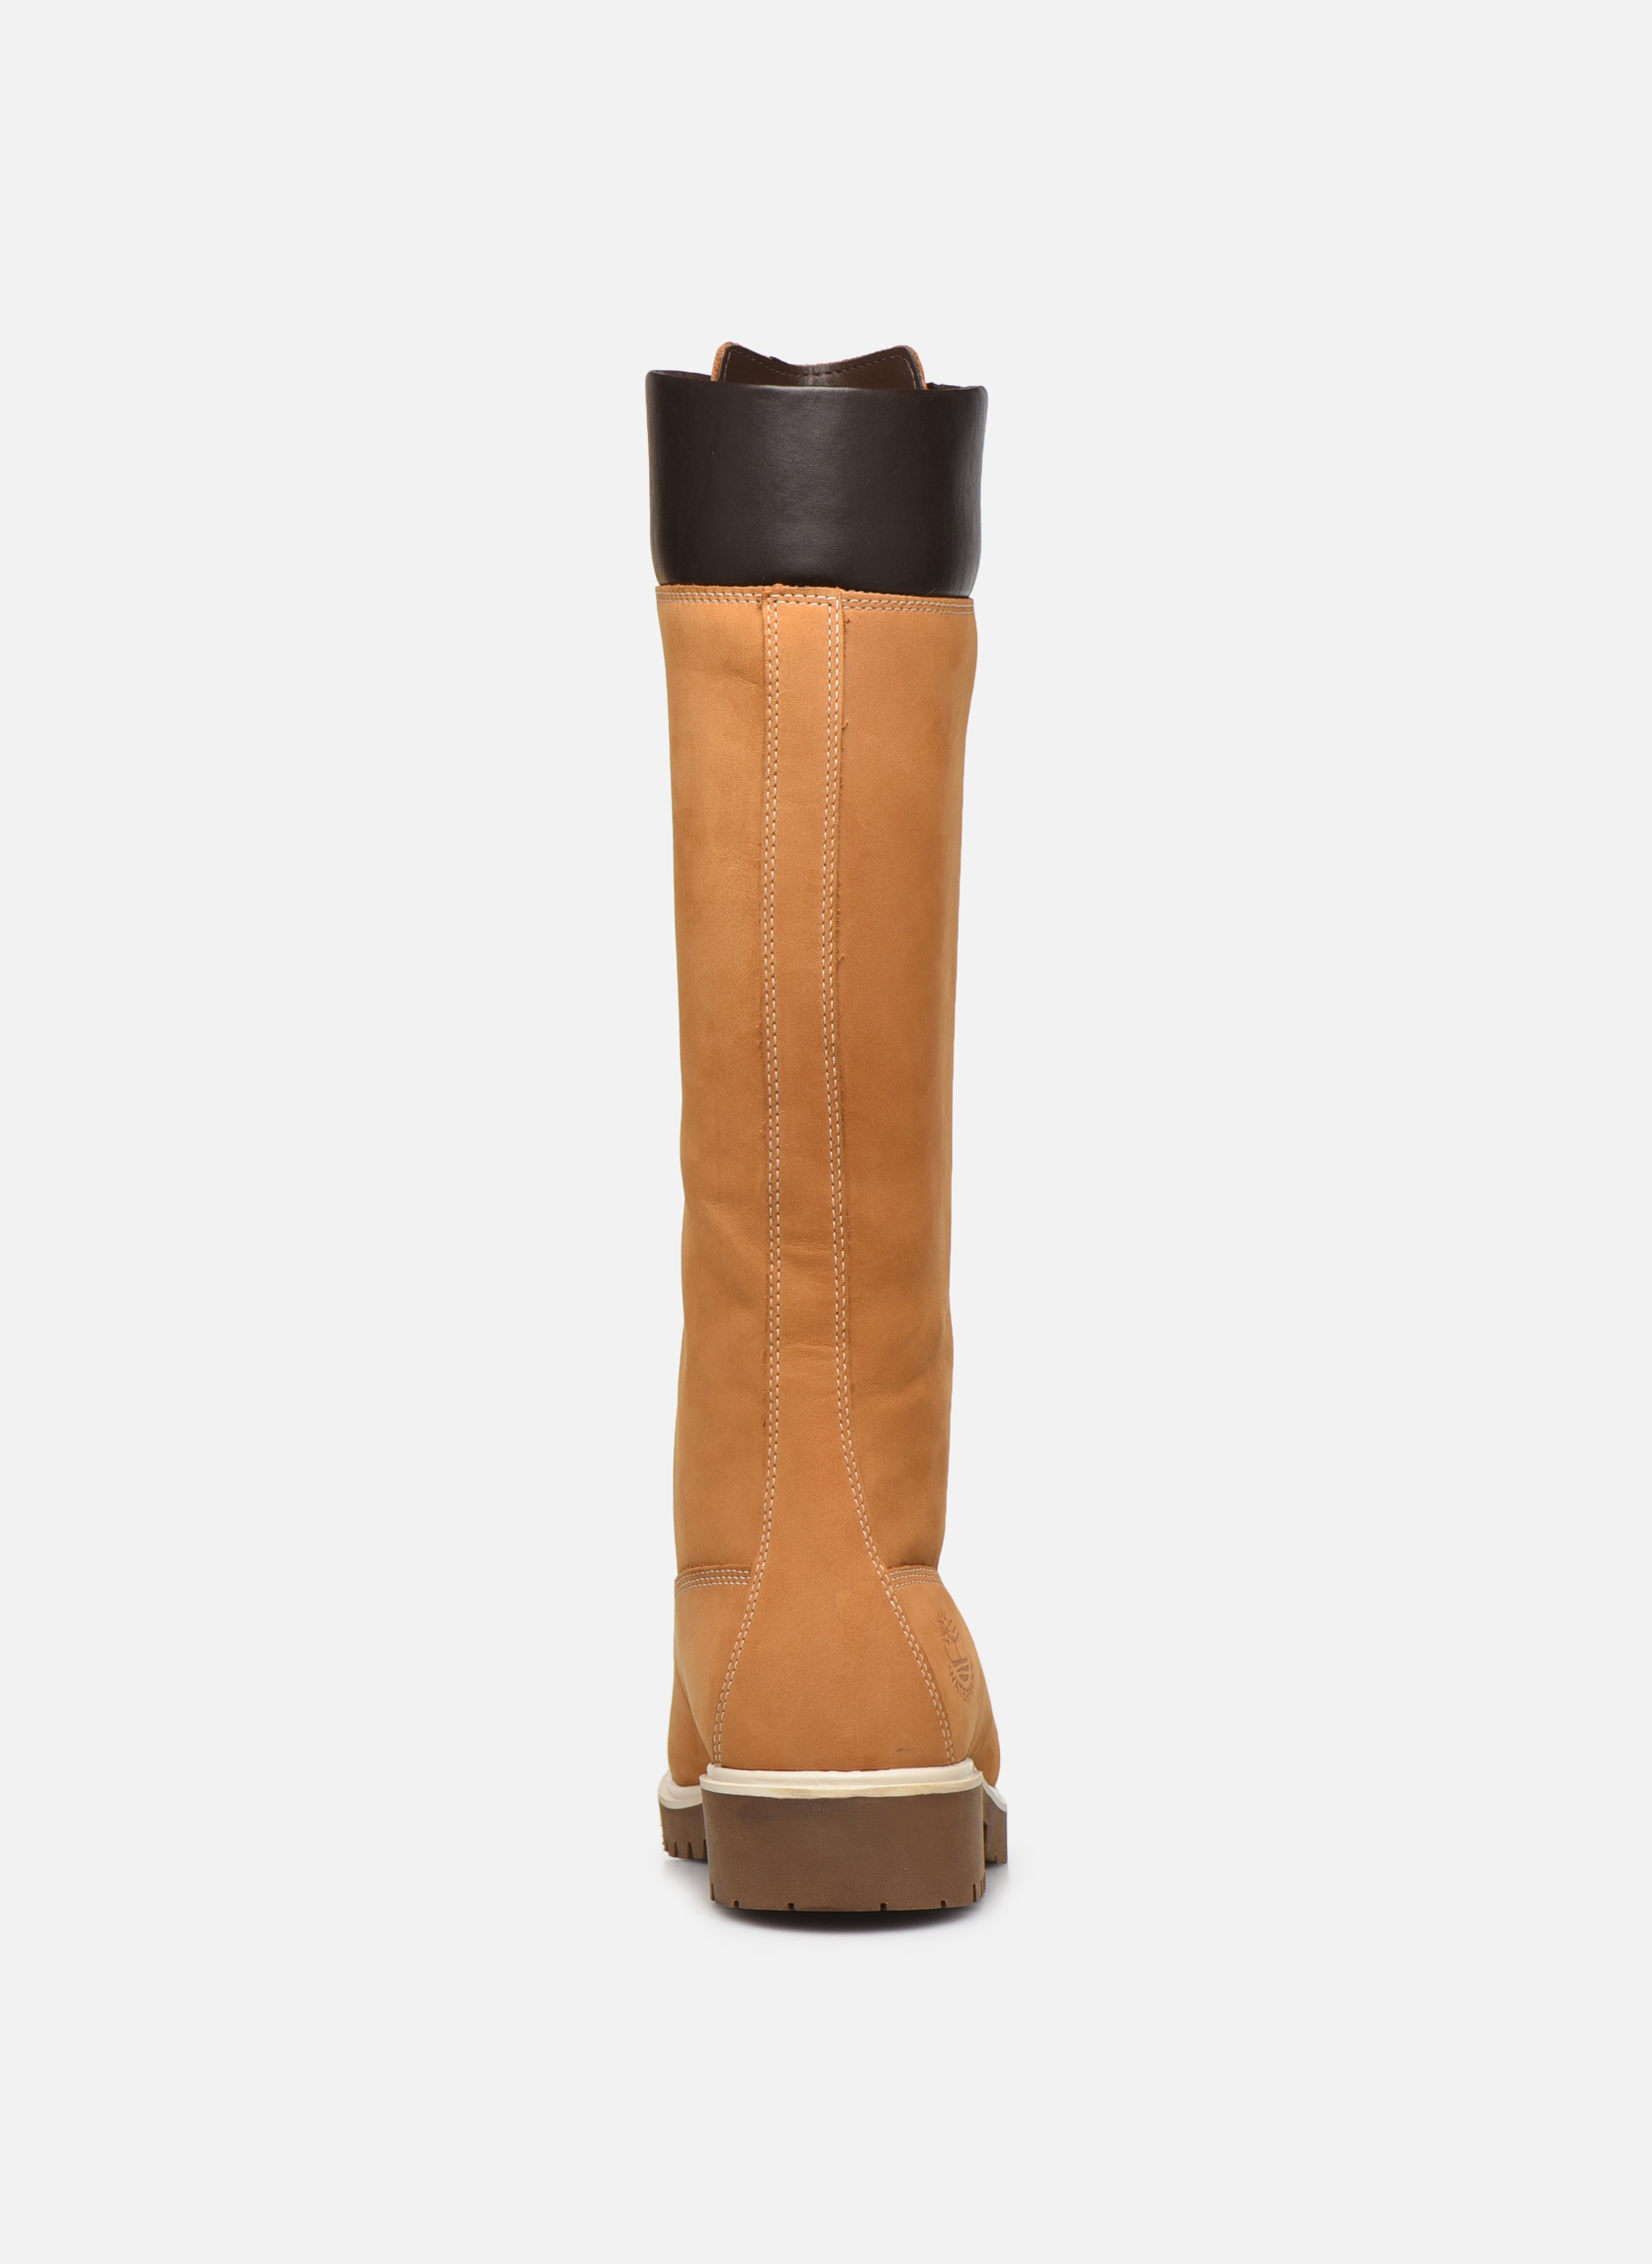 Women's Premium 14 inch Wheat Nubuck